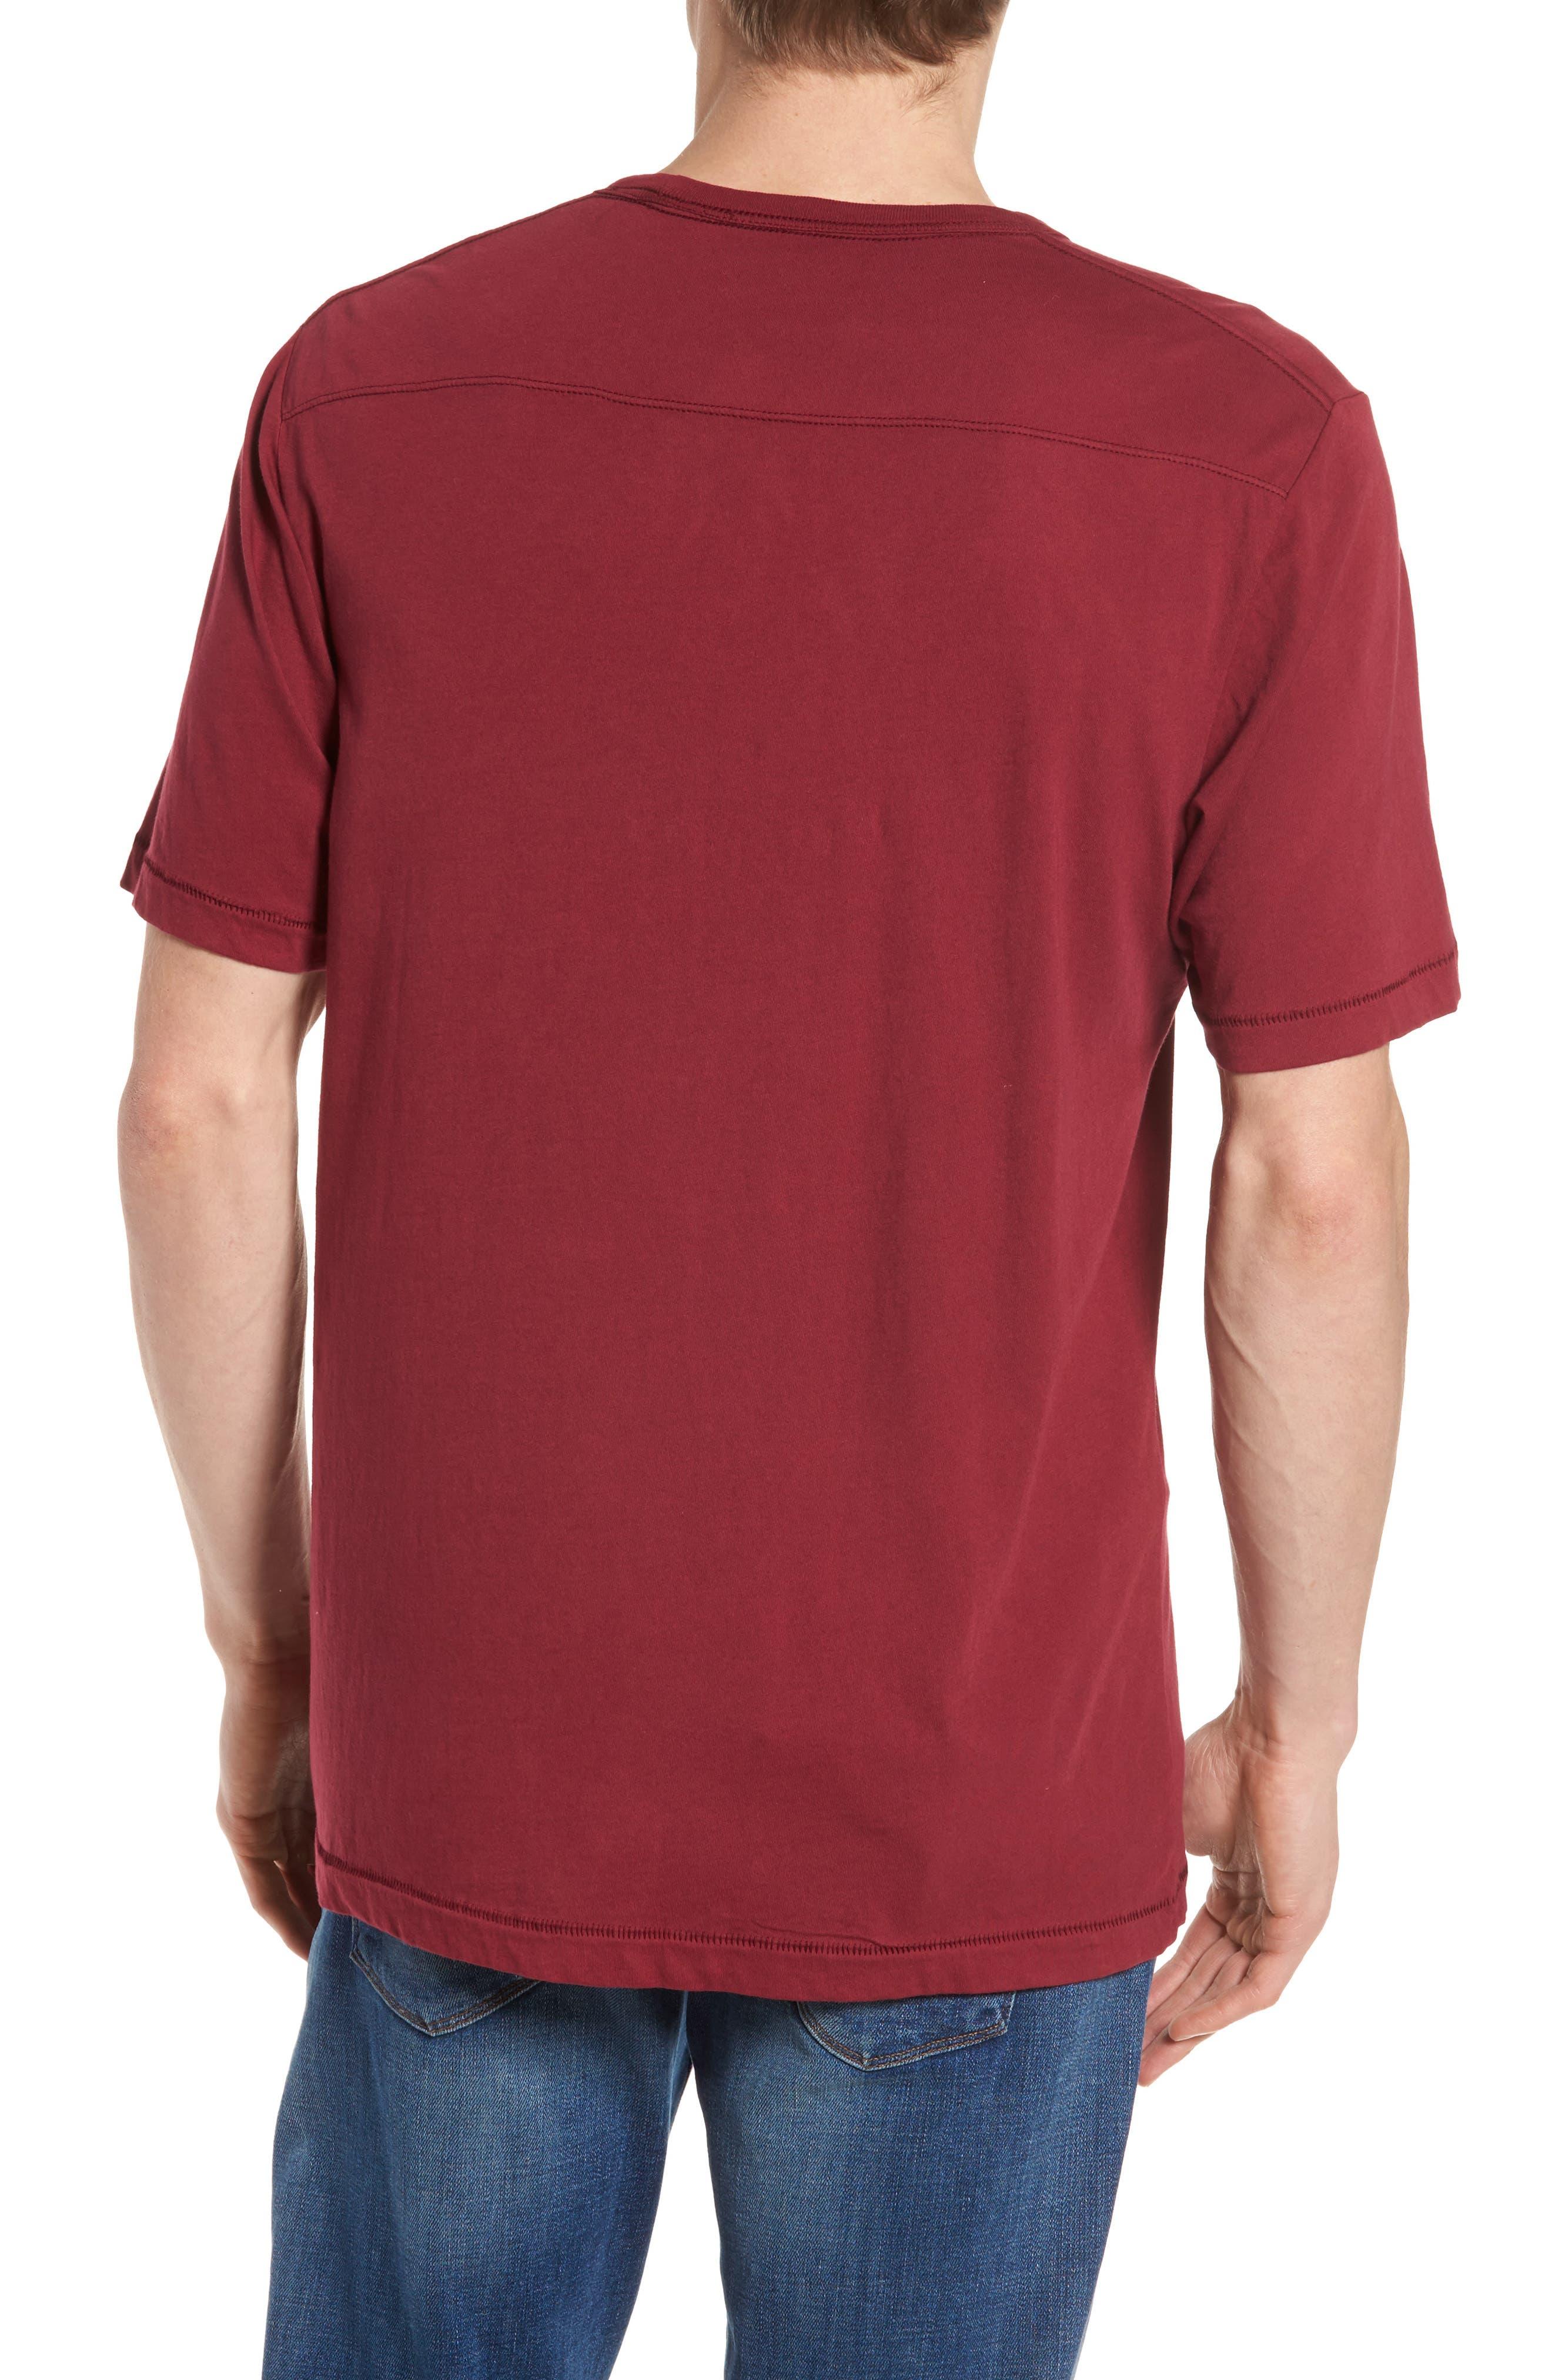 Égalité Regular Fit Graphic T-Shirt,                             Alternate thumbnail 2, color,                             600